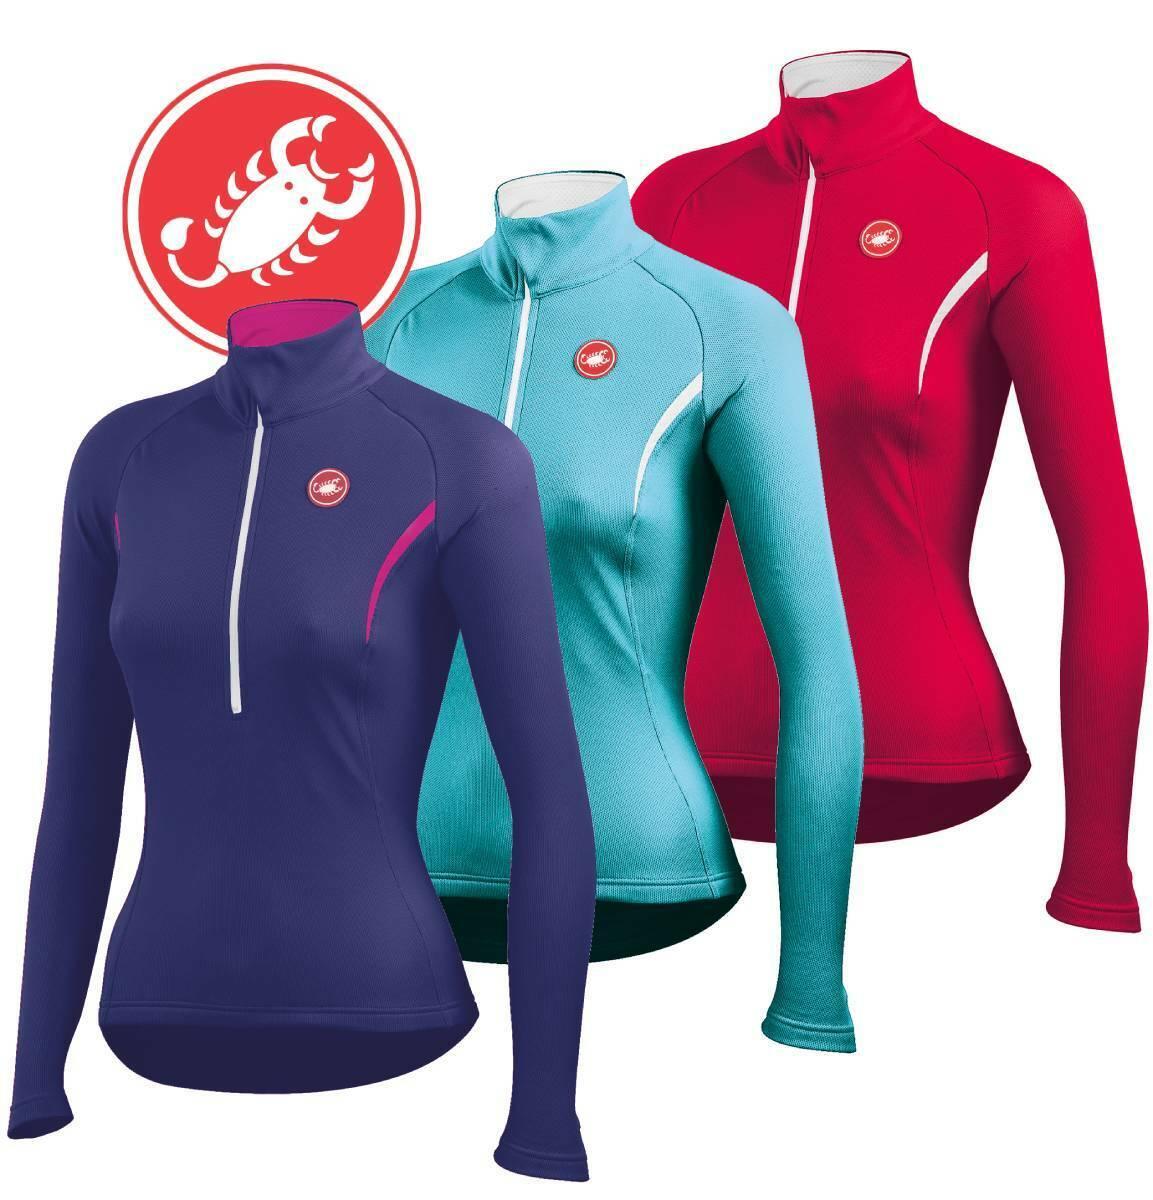 Castelli Cromo Women's Thermal Fleece Long Sleeve Jersey : F